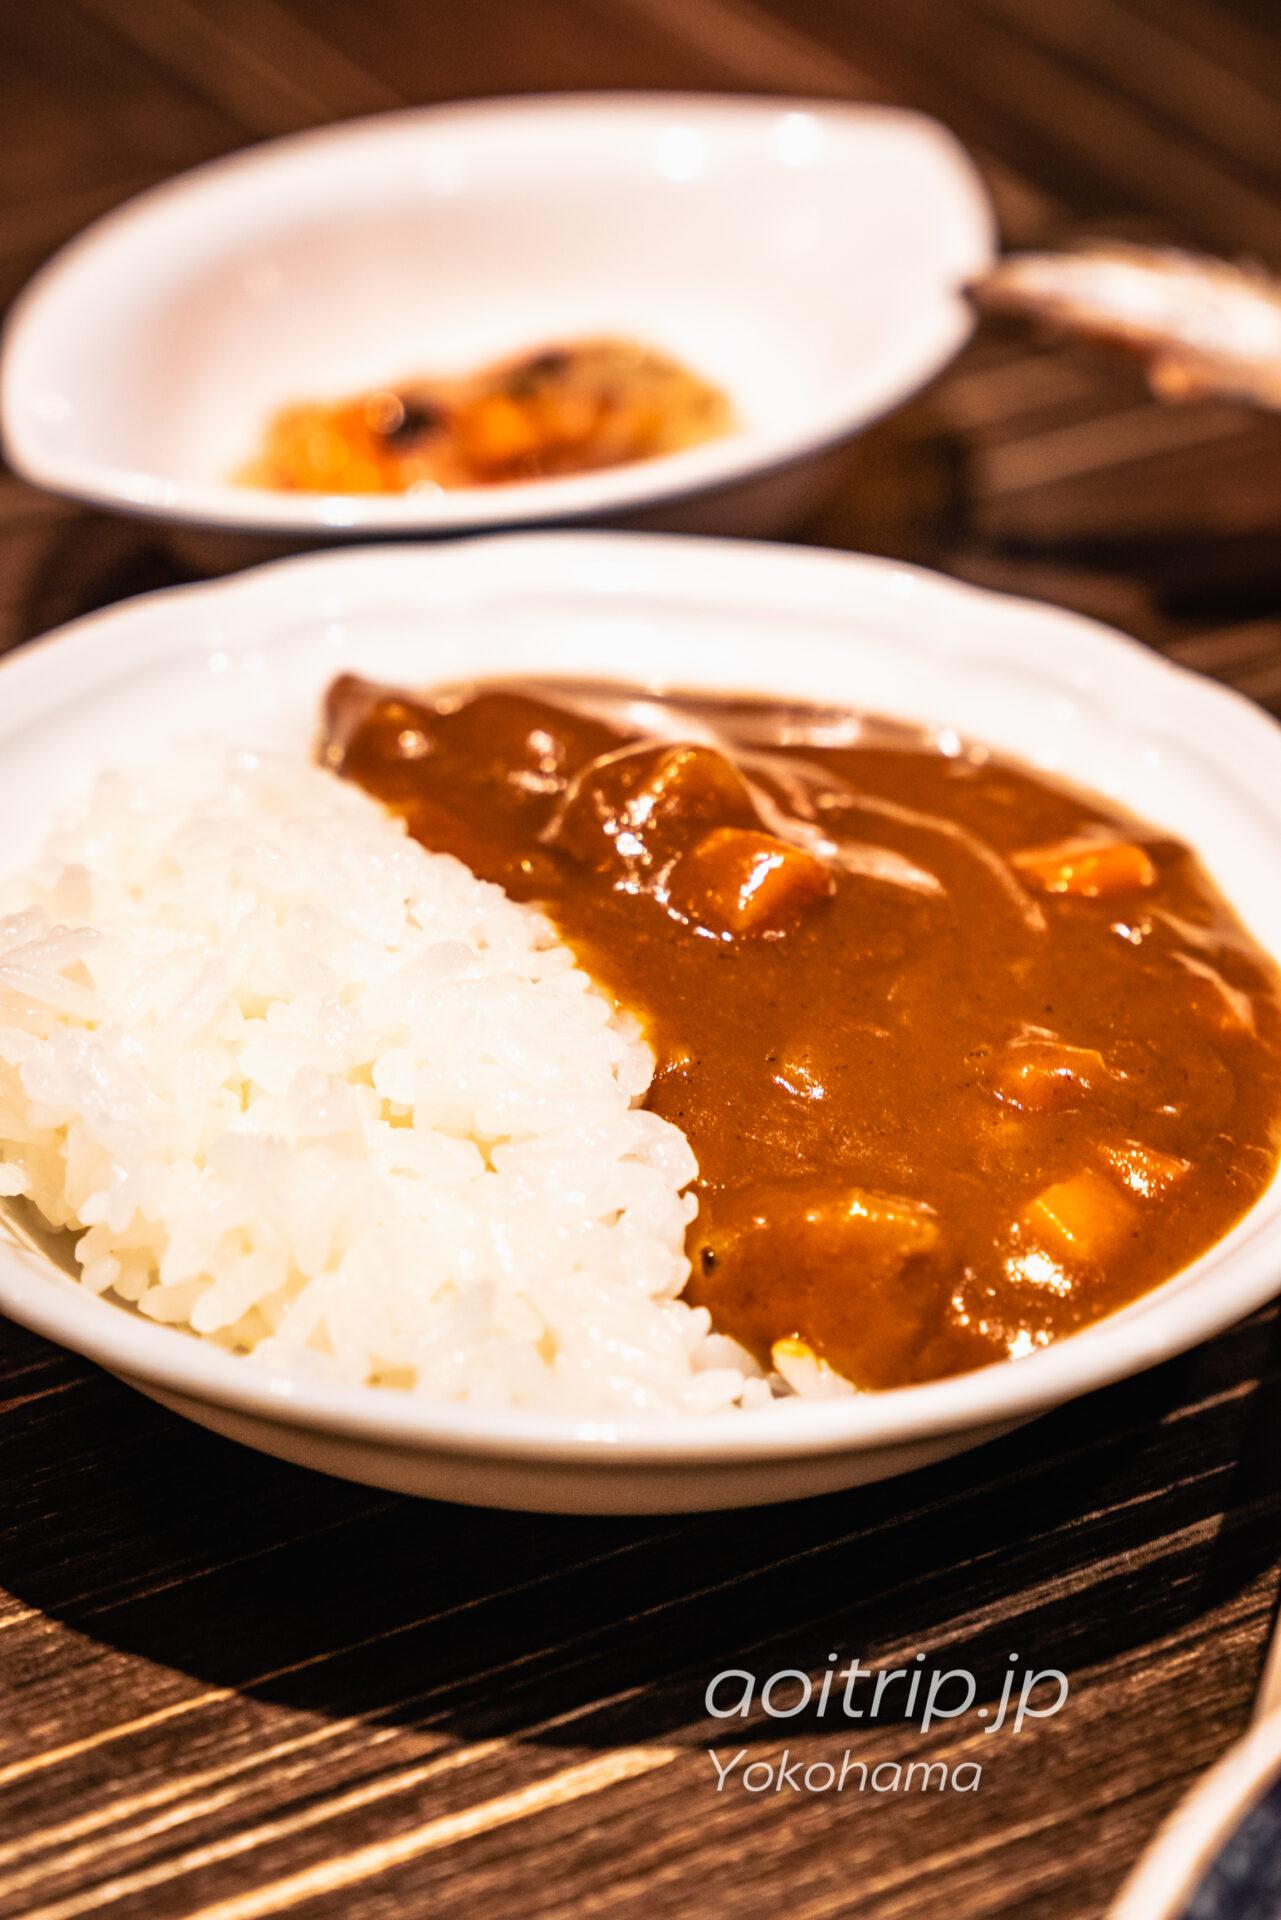 横浜ベイシェラトン ホテル&タワーズ 宿泊記|Yokohama Bay Sheraton Hotel & Towers 朝食ビュッフェのカレーライス